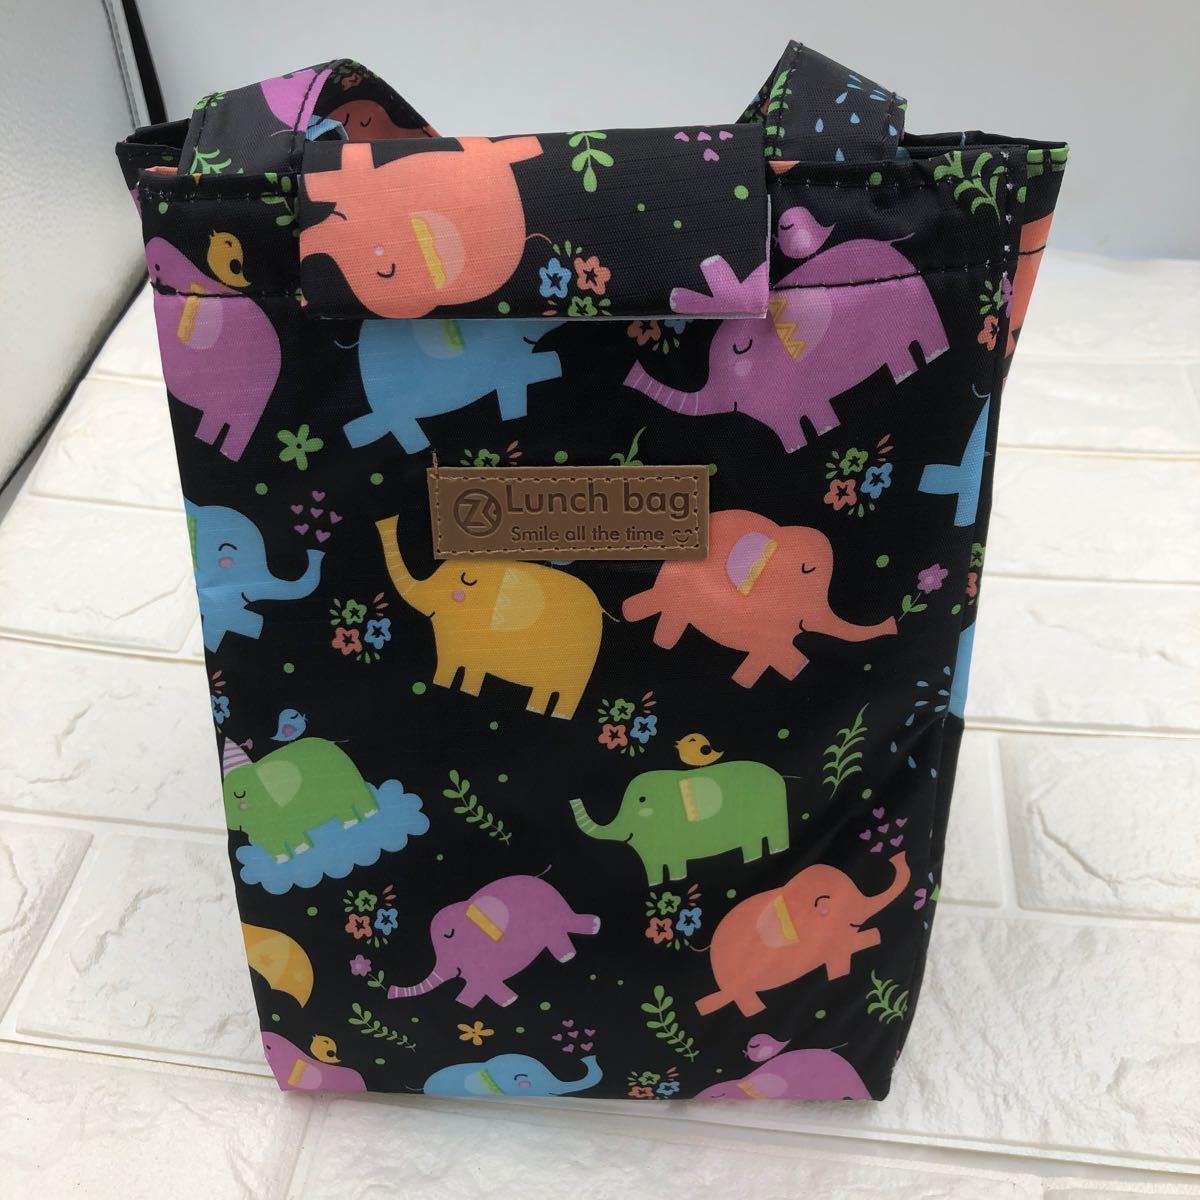 多機能便利バッグ!保冷保温 トートバッグ ランチバッグ エコバッグ 新品・未使用